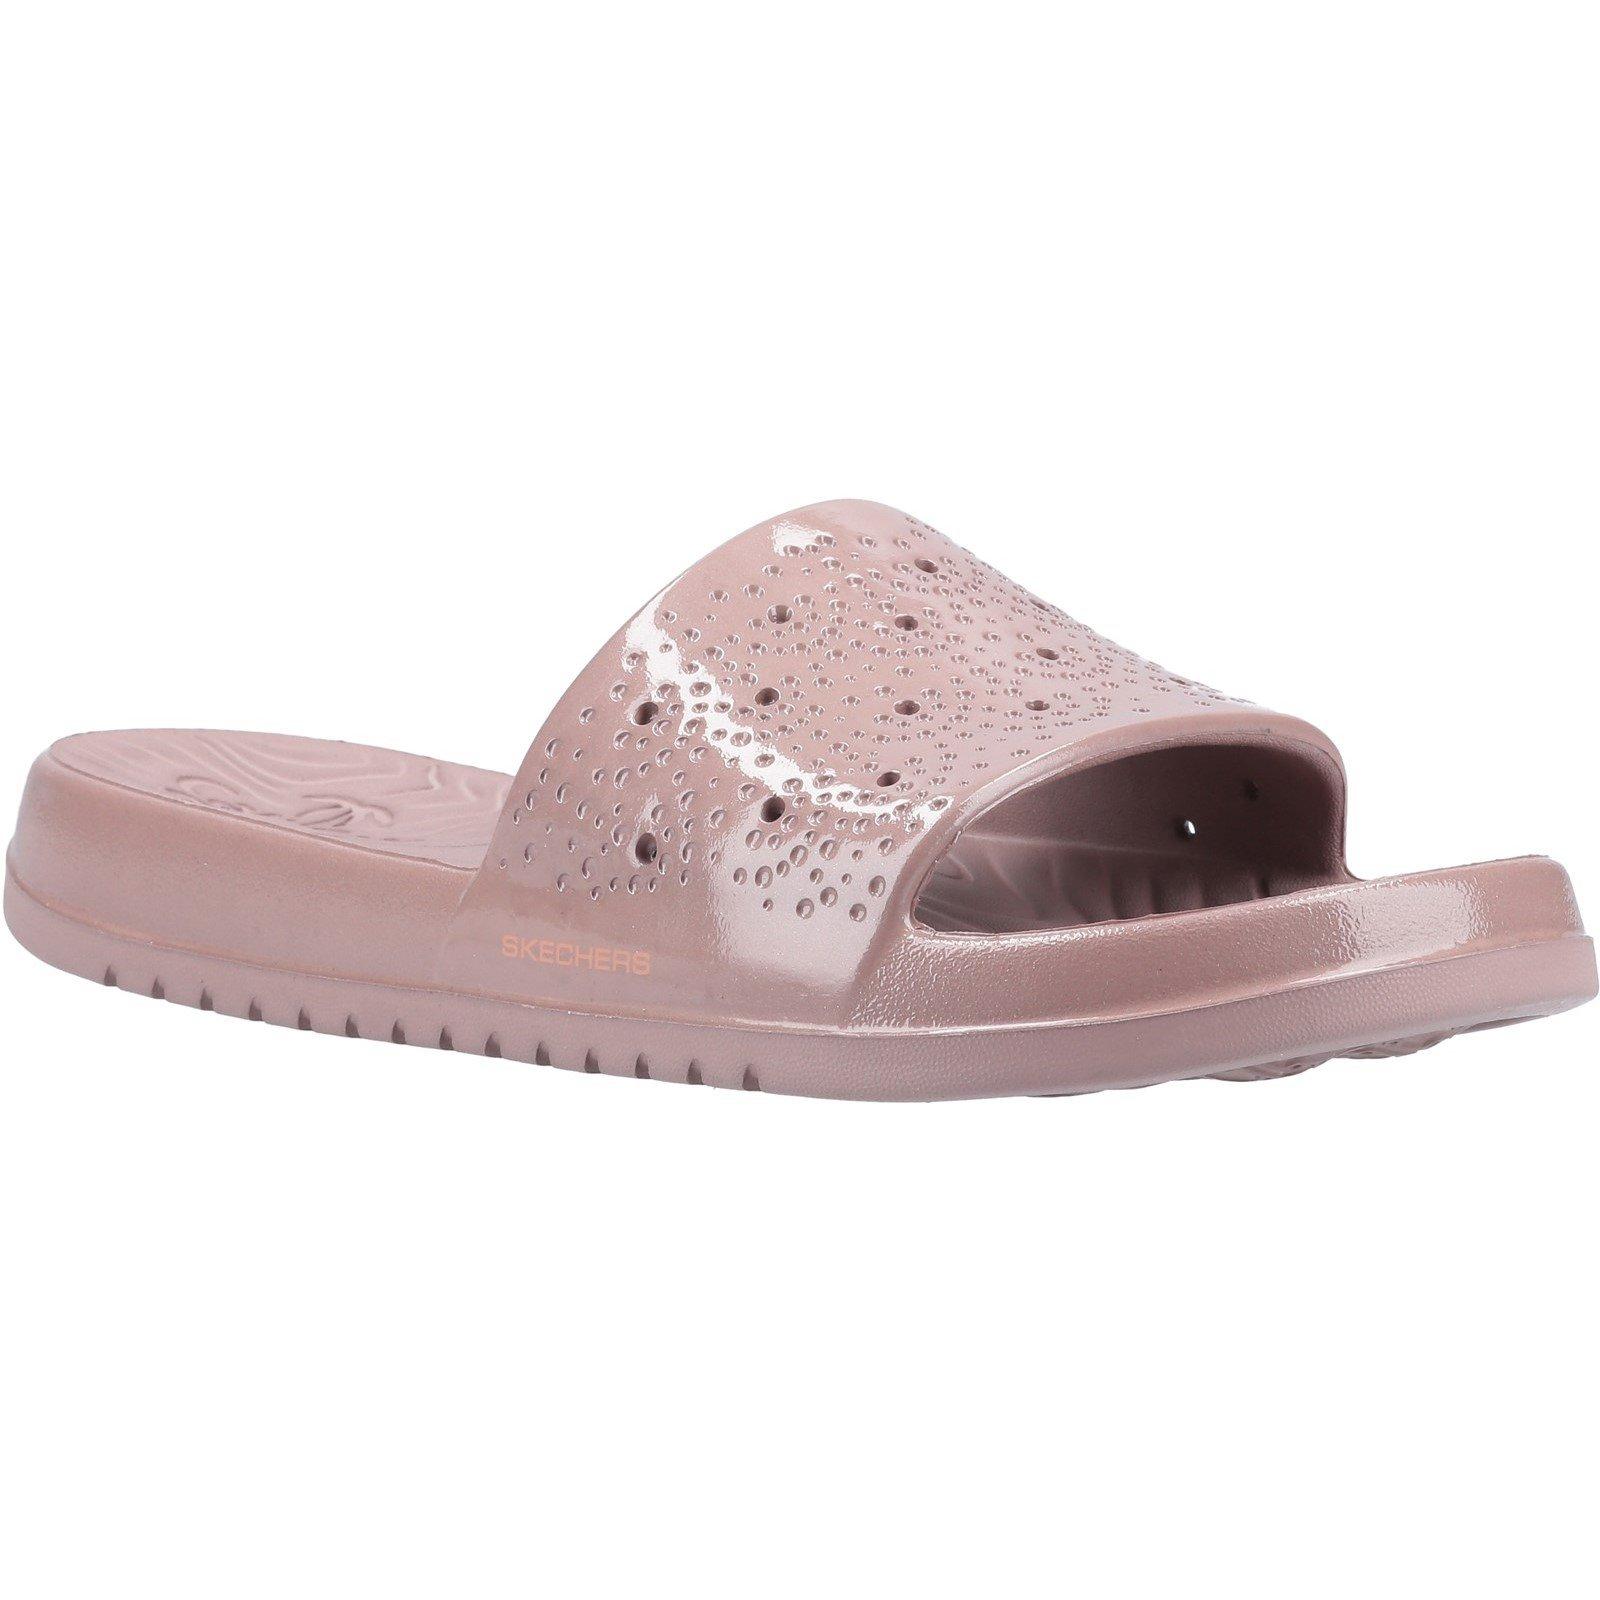 Skechers Women's Gleam Sizzling Slide Sandal Rose Gold 32373 - Rose Gold 2